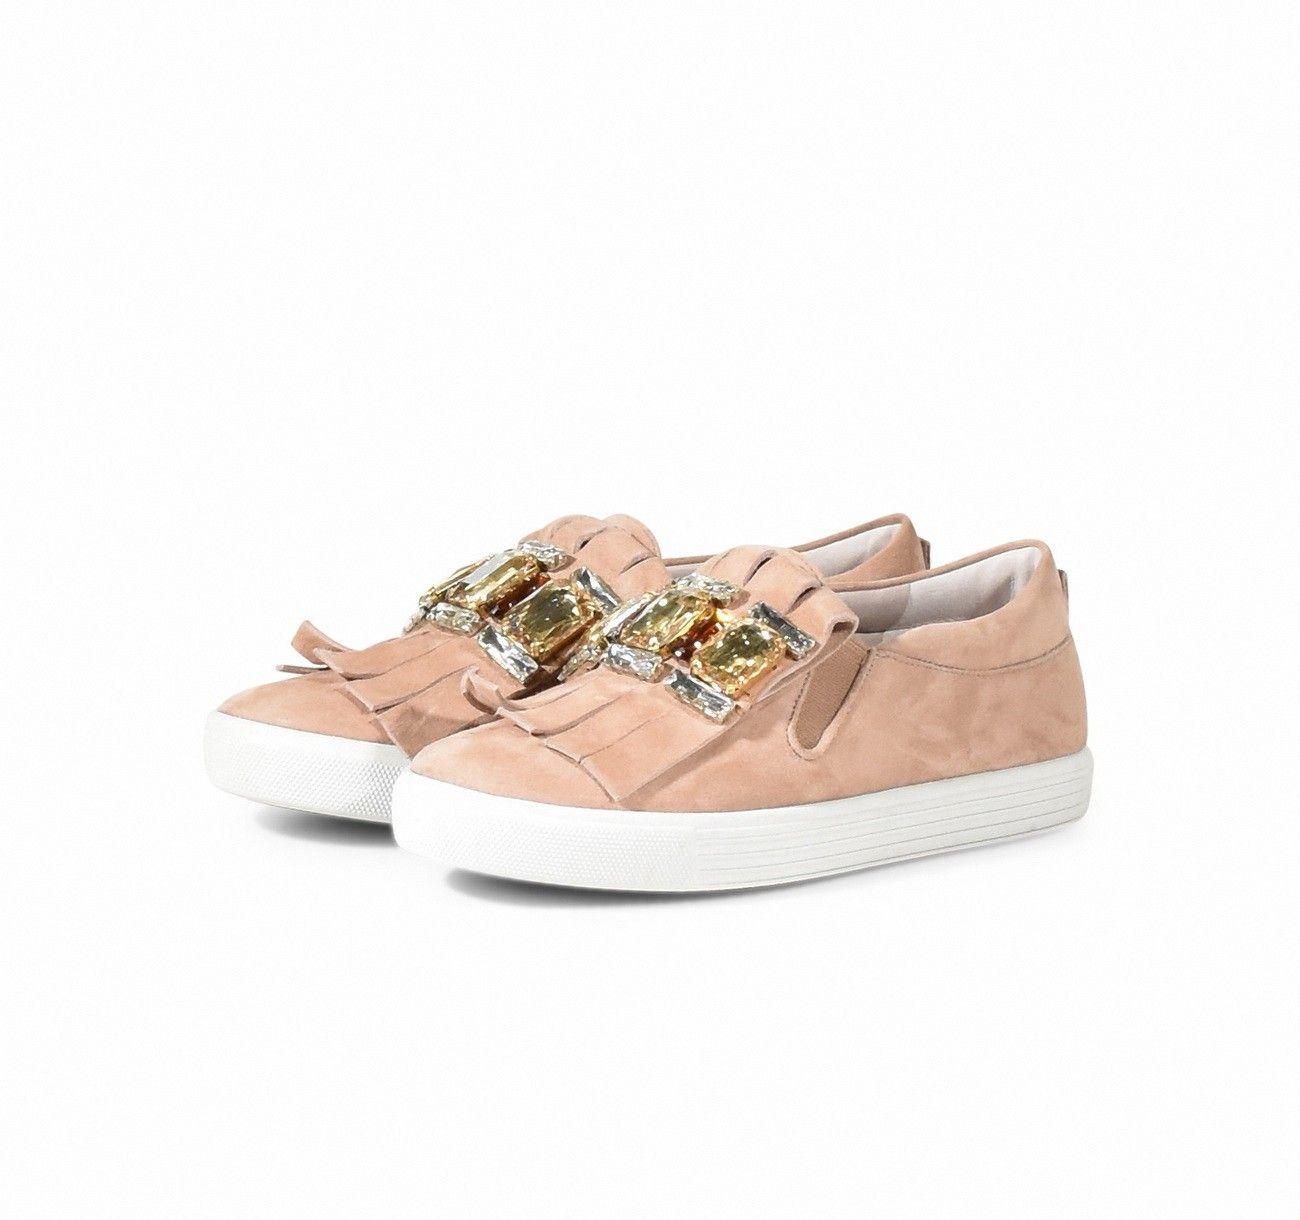 KENNEL & SCHMENGER - Damen Sneaker - Town Samtziege - Rosé/Topaz